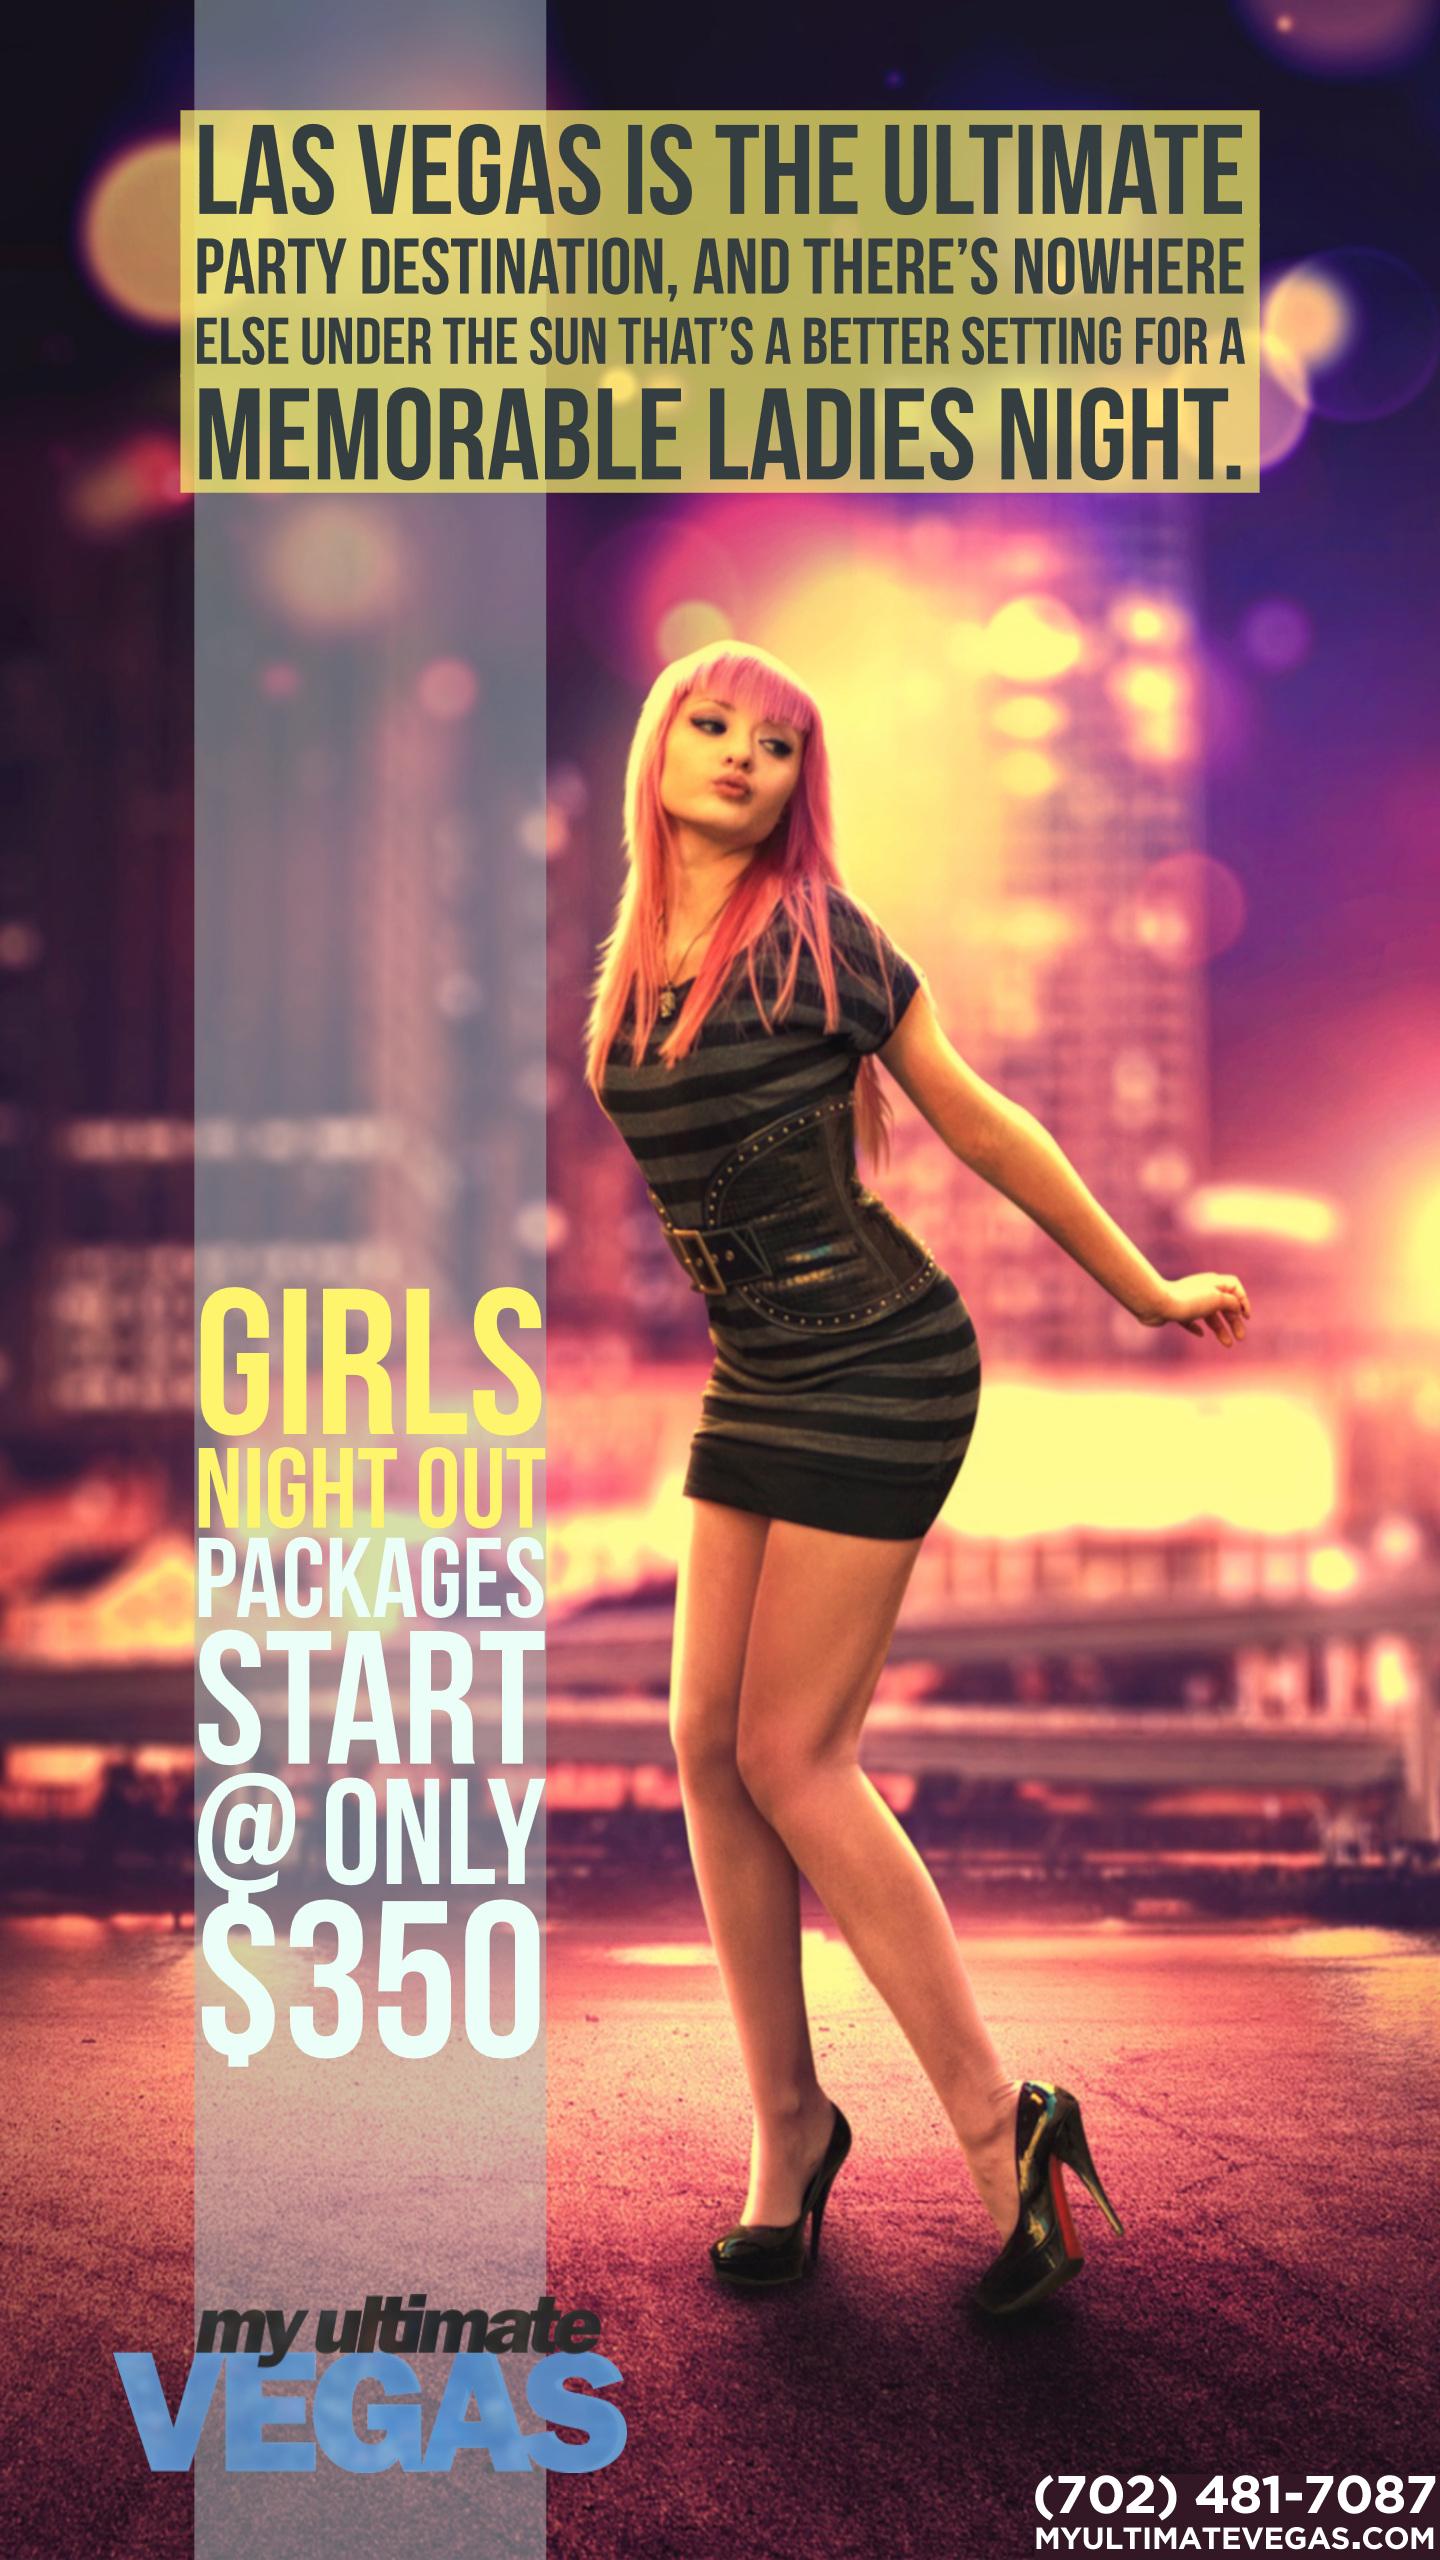 ladies-night-ig-story.jpg